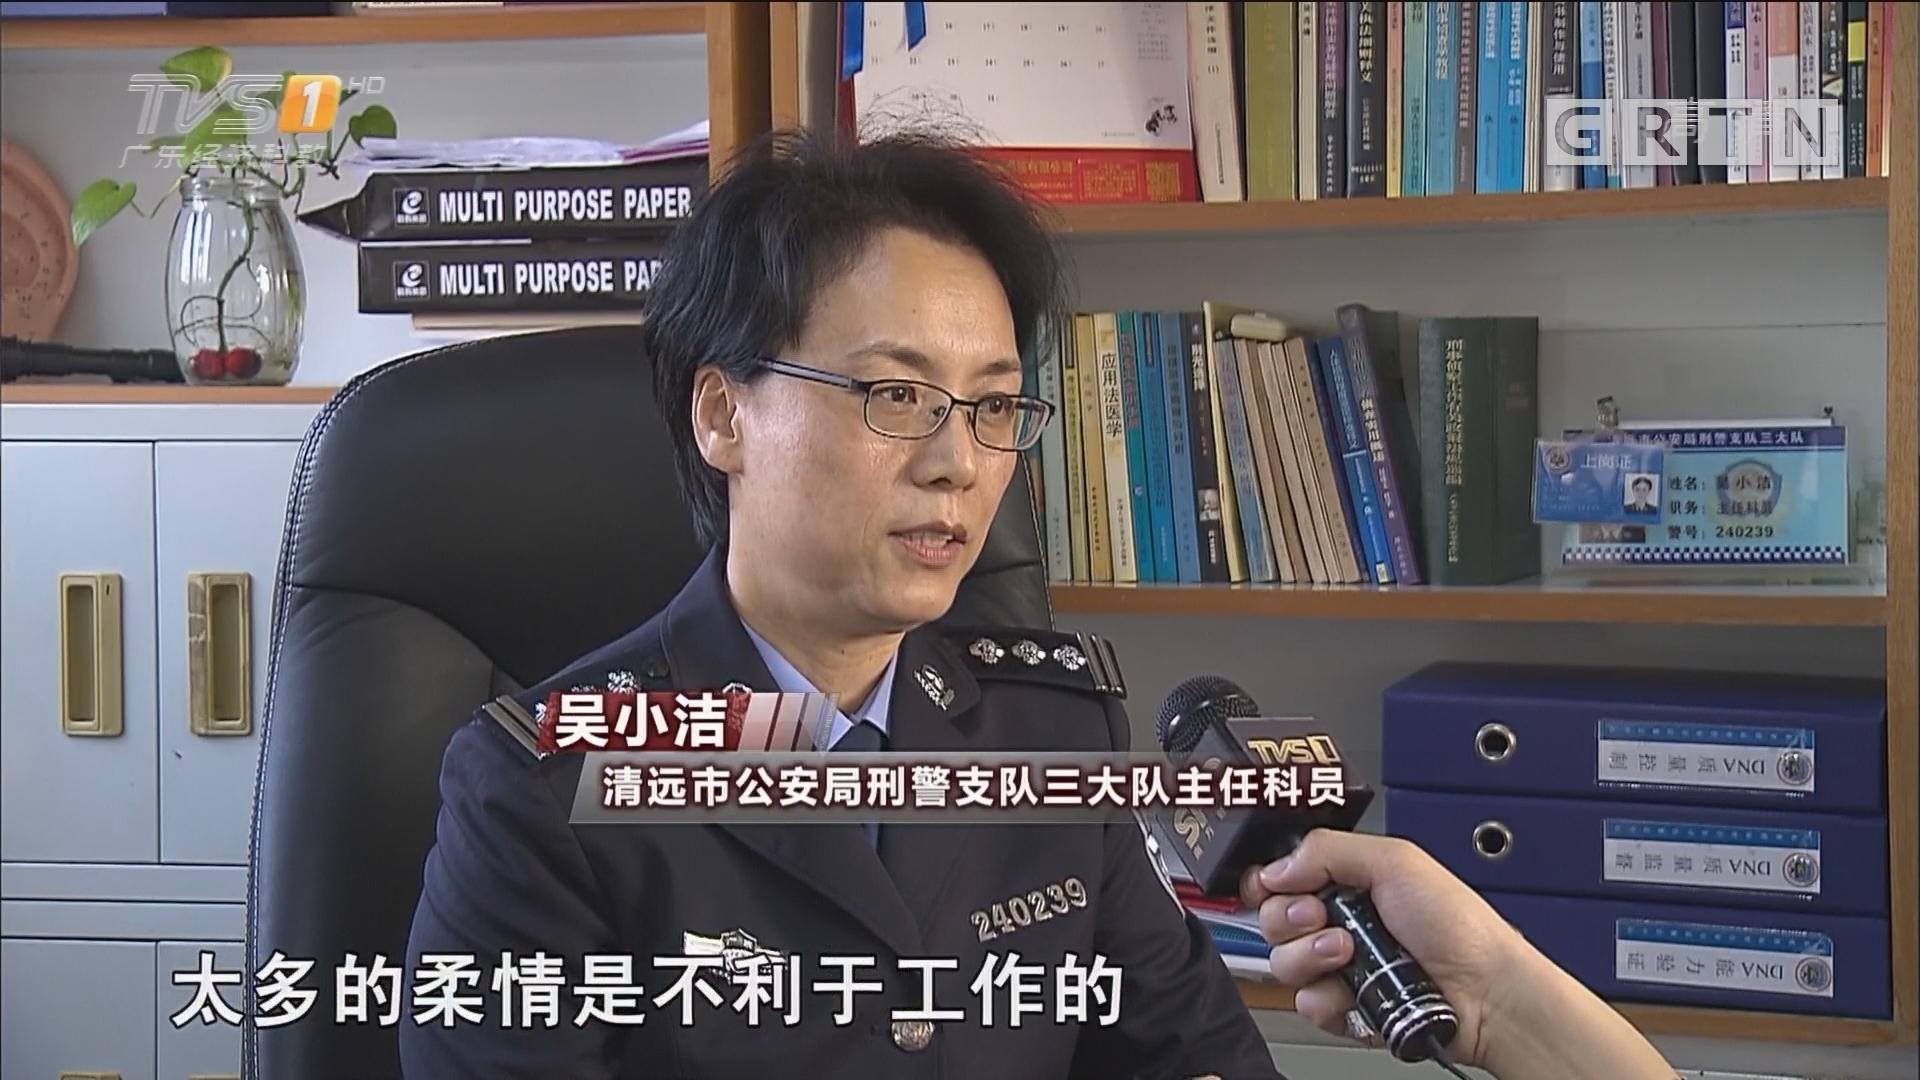 广东警察故事:证据其实会说话 女法医吴小洁(2)